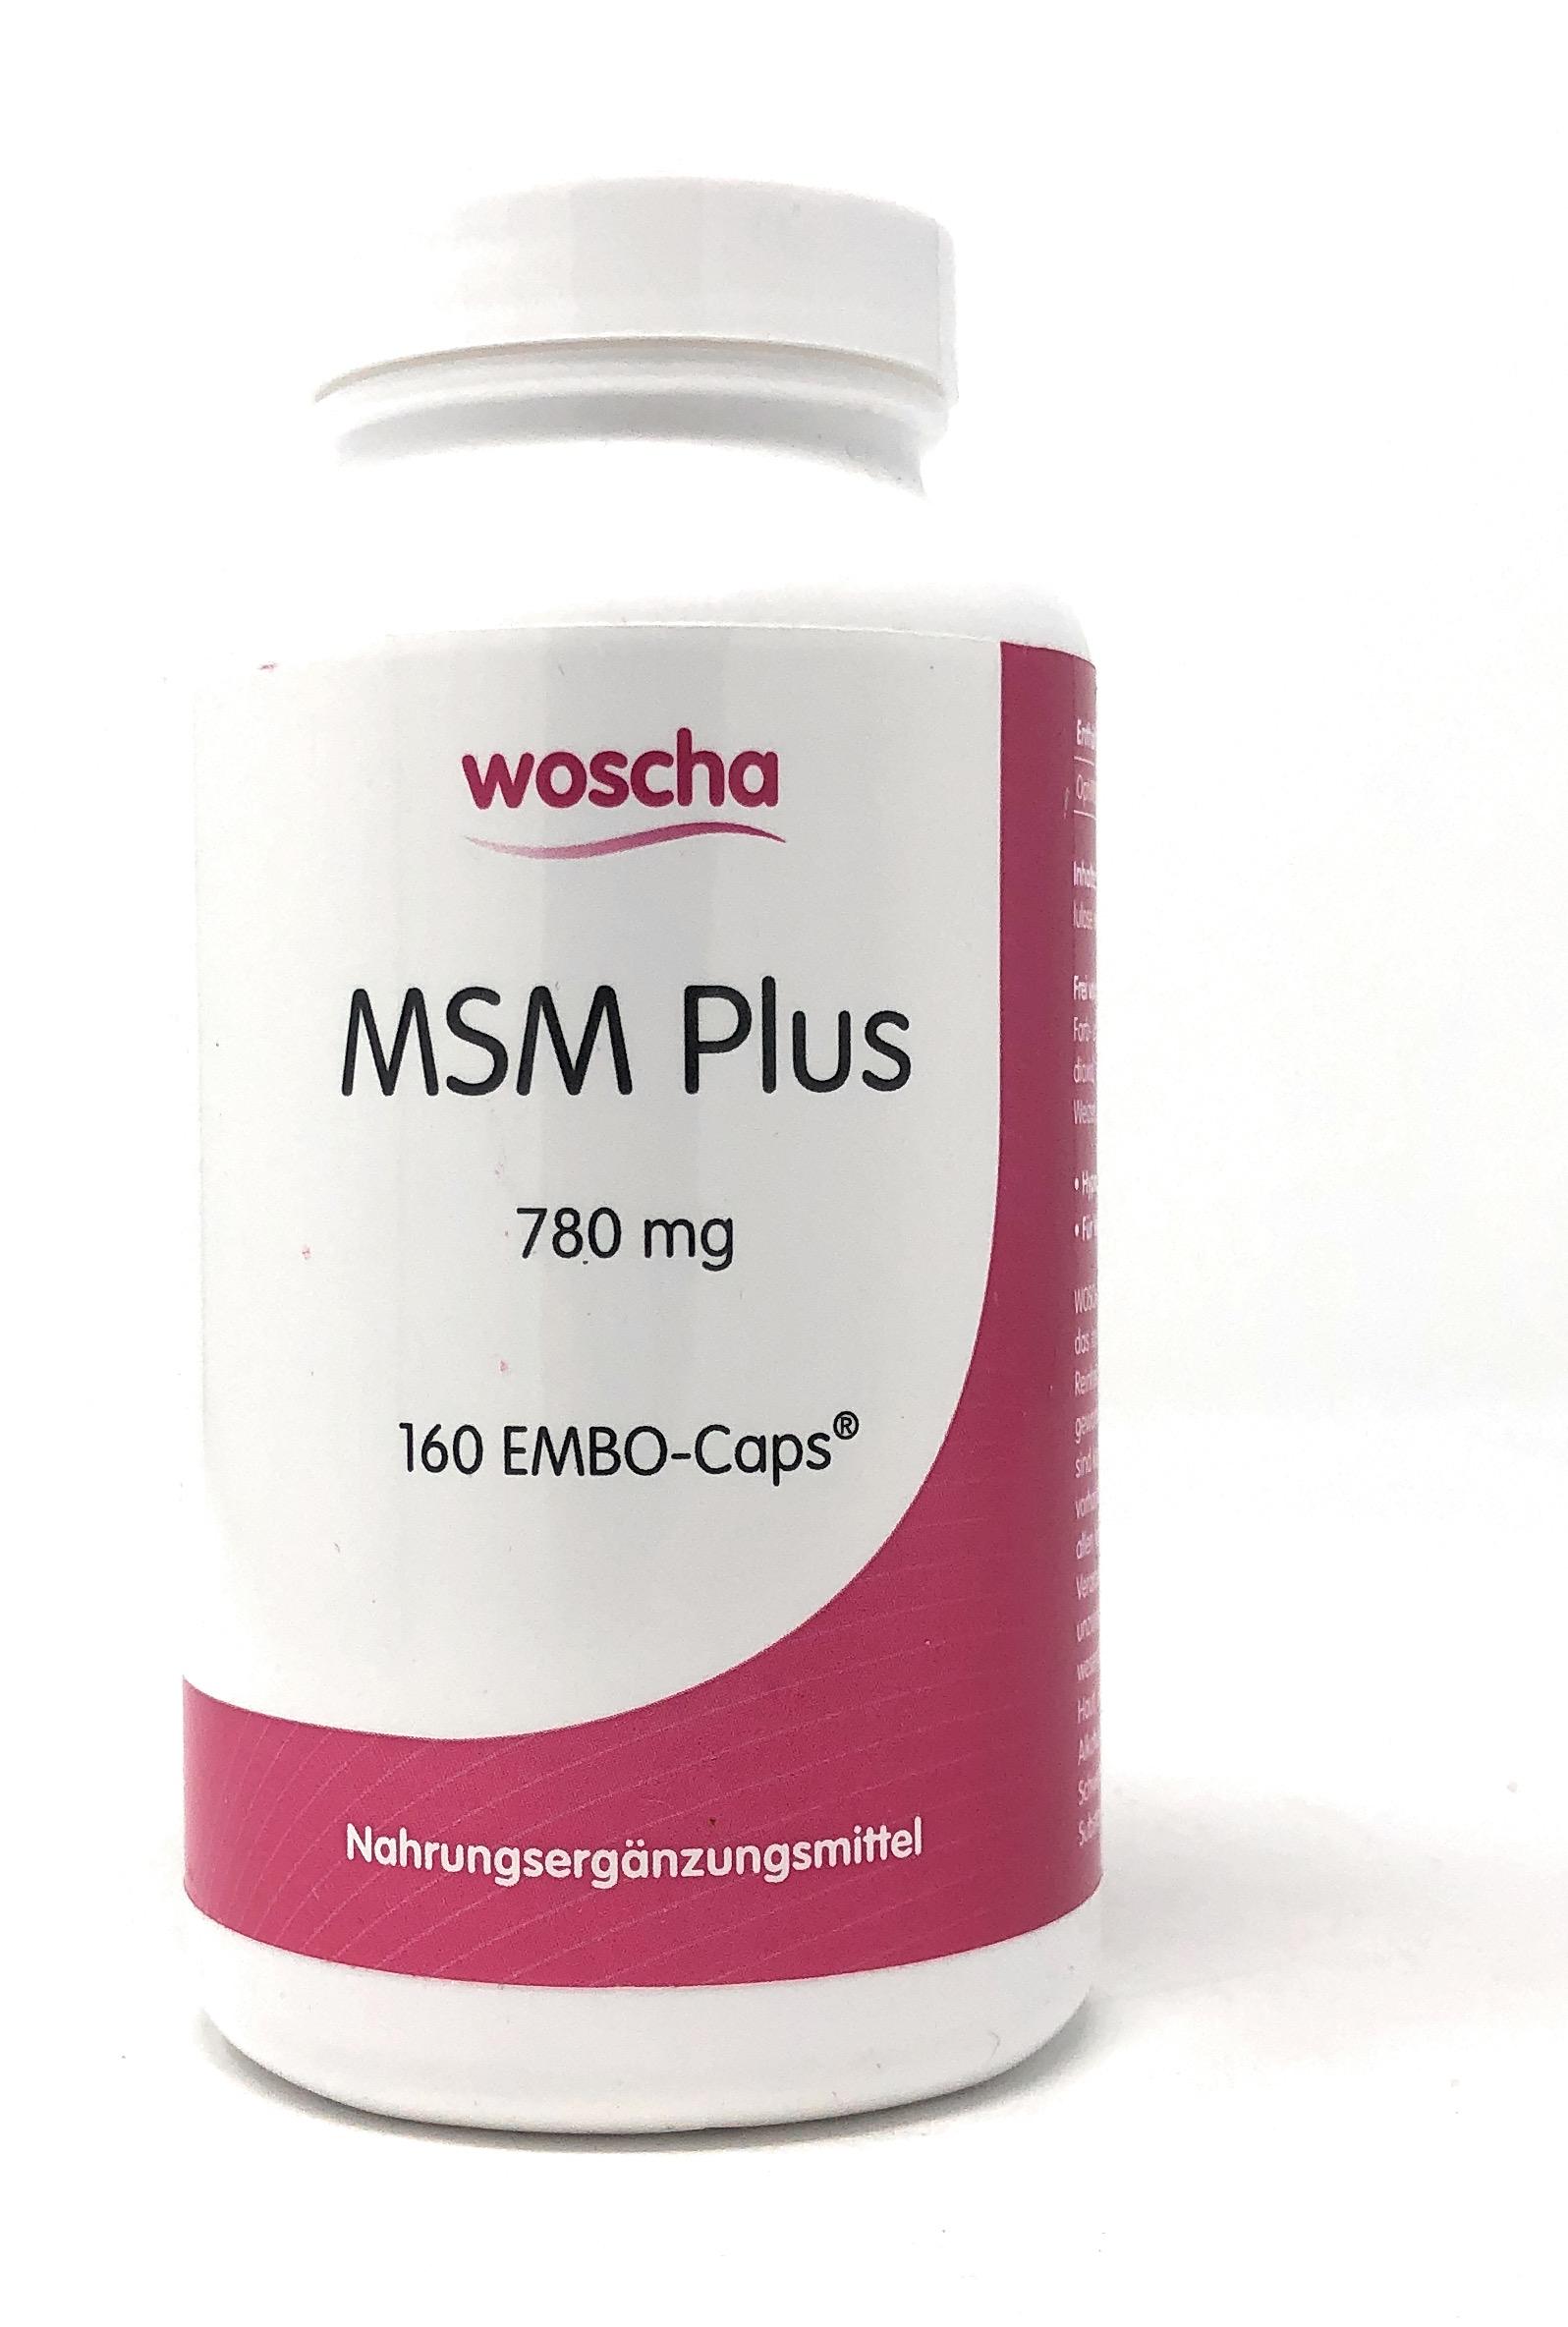 woscha MSM Plus 780mg 160 Embo-CAPS® (144g) (vegan)